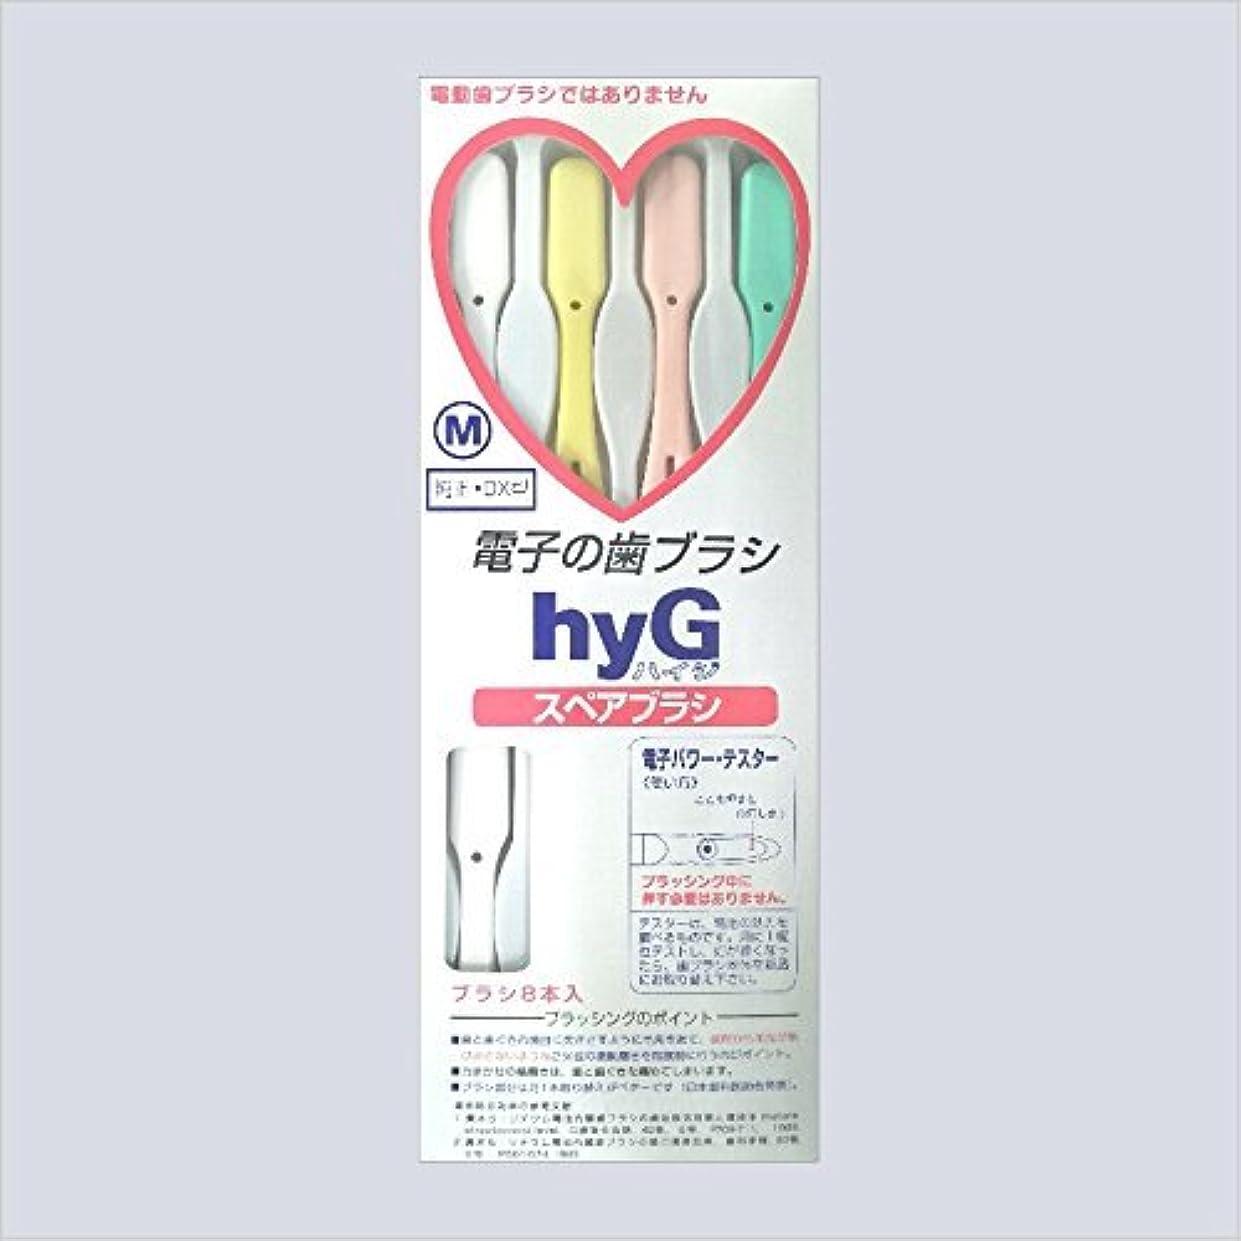 通信網散逸変位電子の歯ブラシ ハイジ(hyG)?スペアブラシ <ブラシの硬さ:Hかため> (※こちらは「スペアブラシ」です )?hyG-DX型